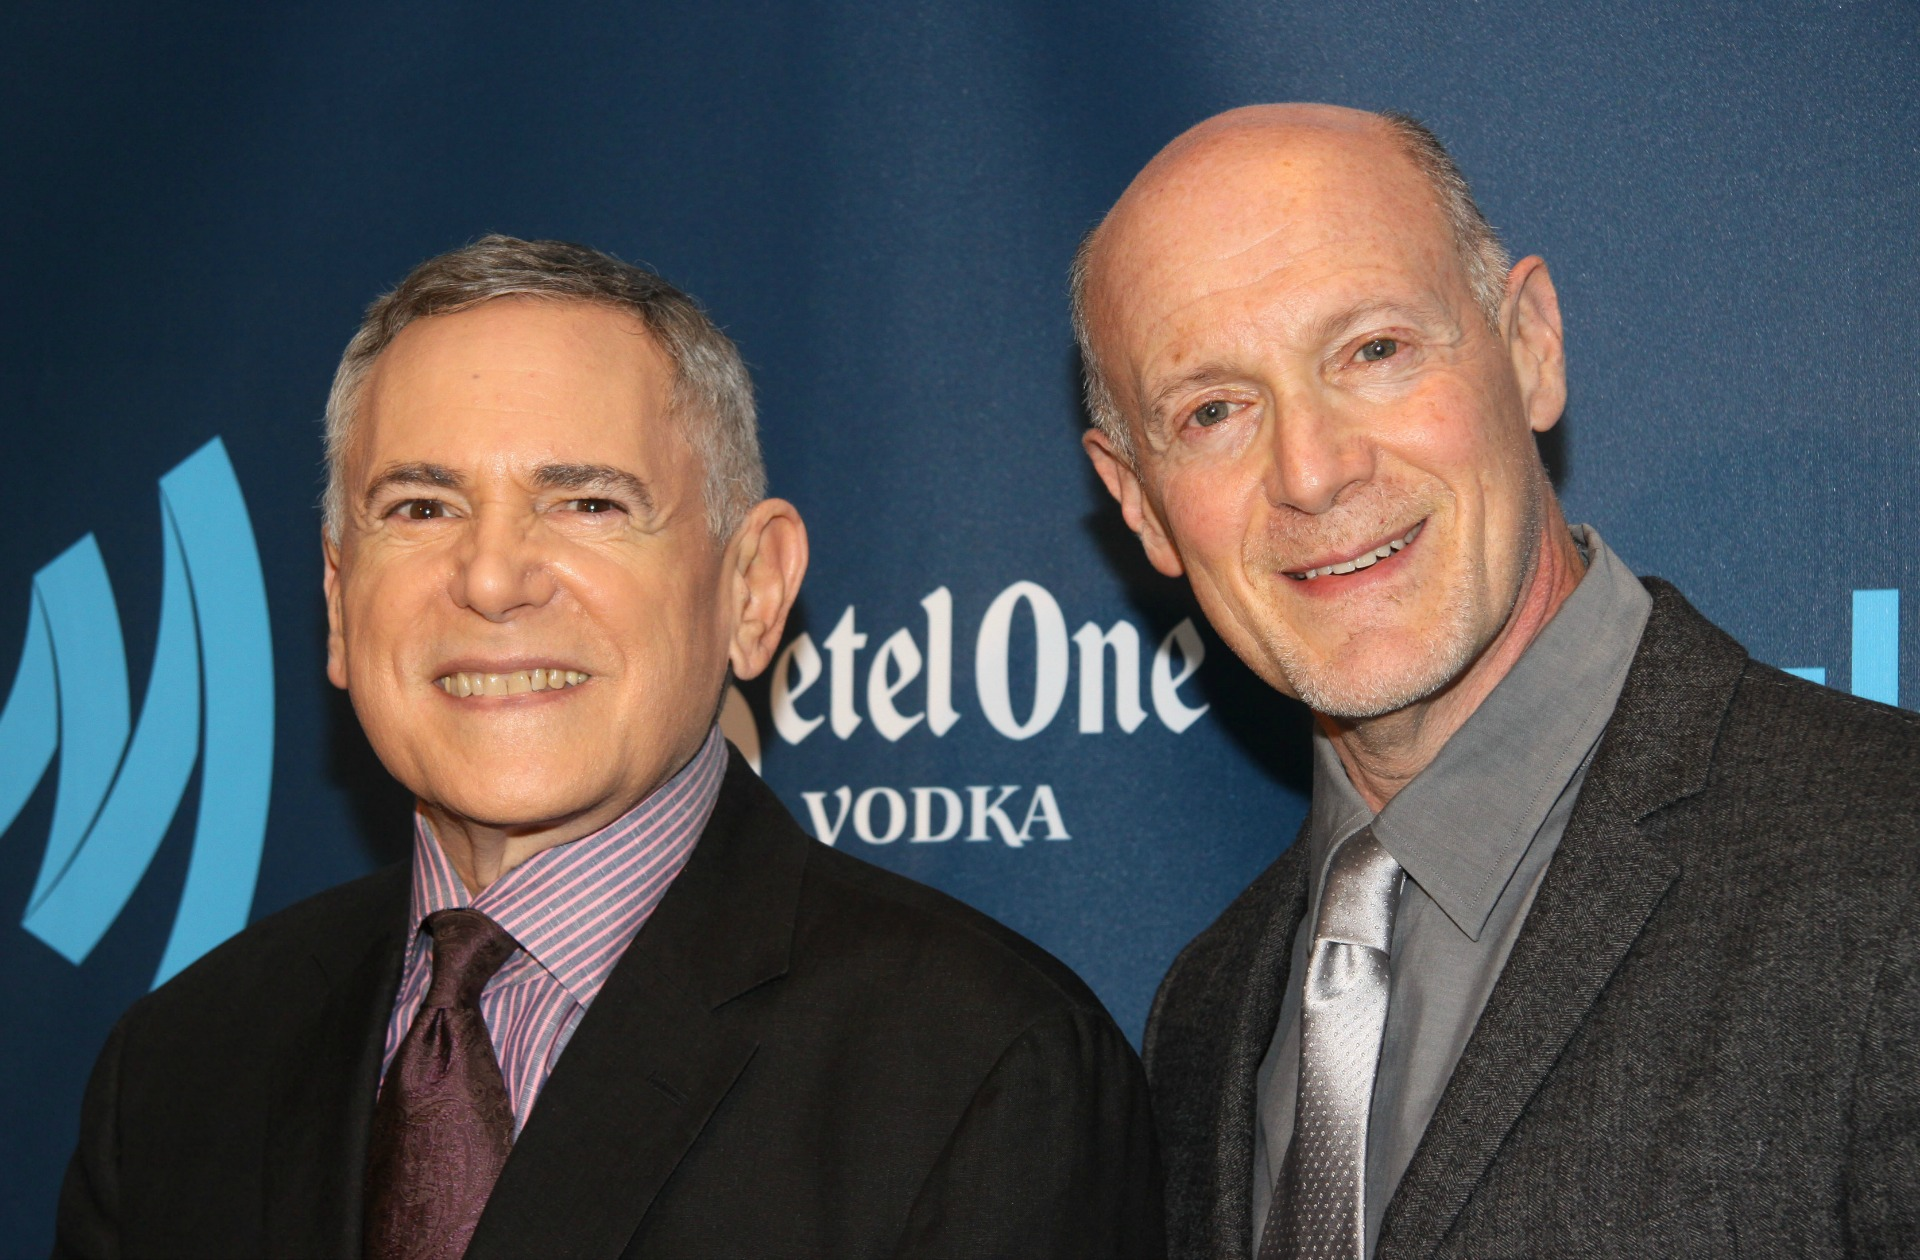 Oscarsproducers